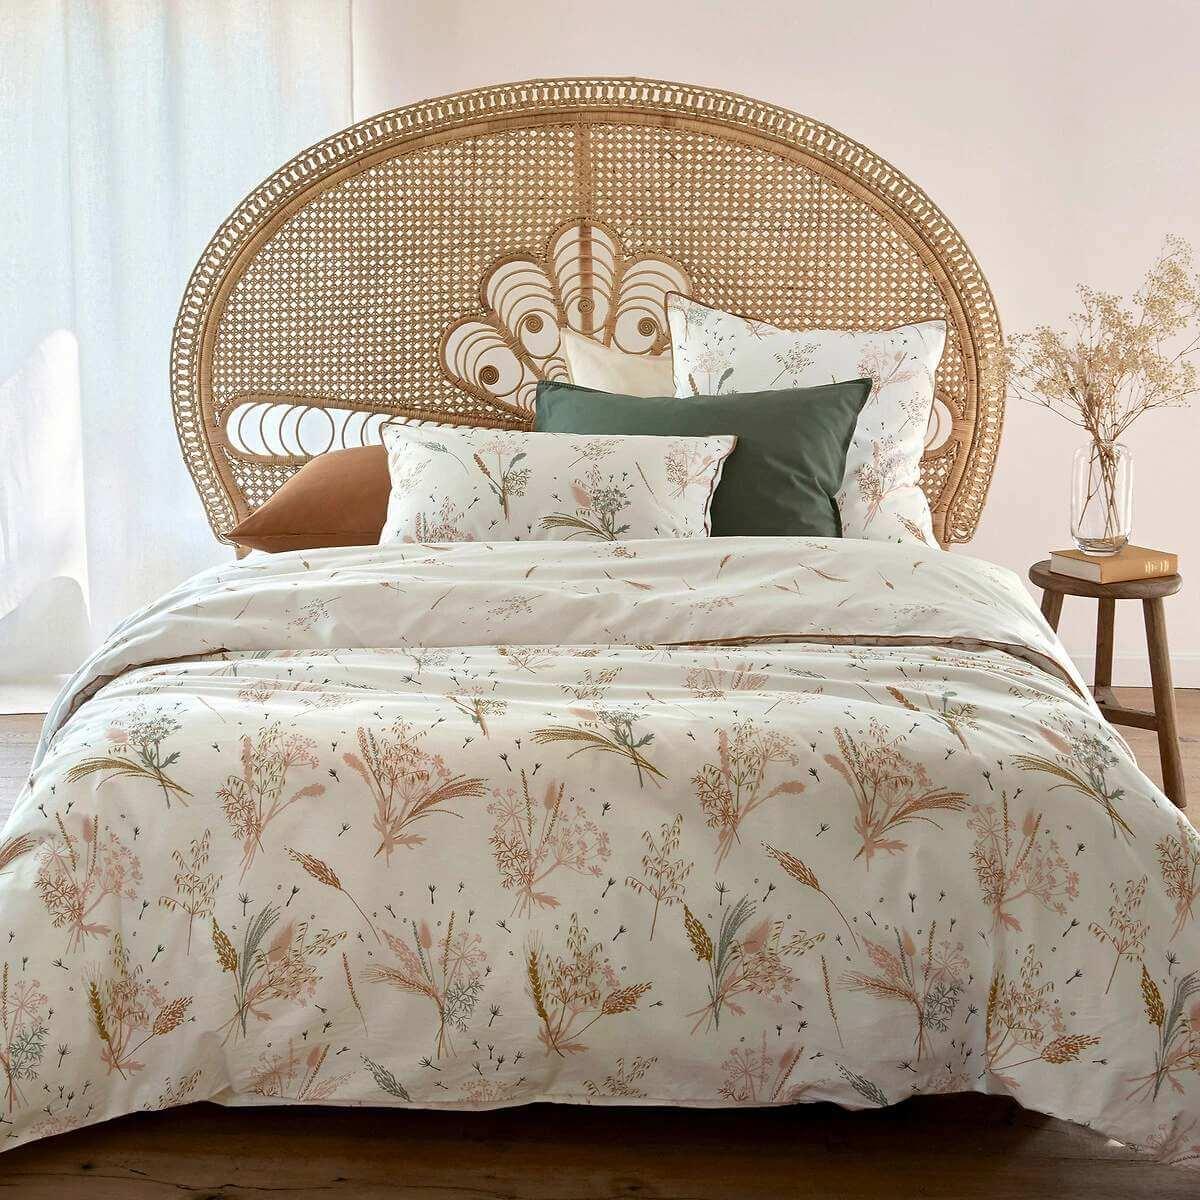 Cambio de estación: ropa de cama primaveral